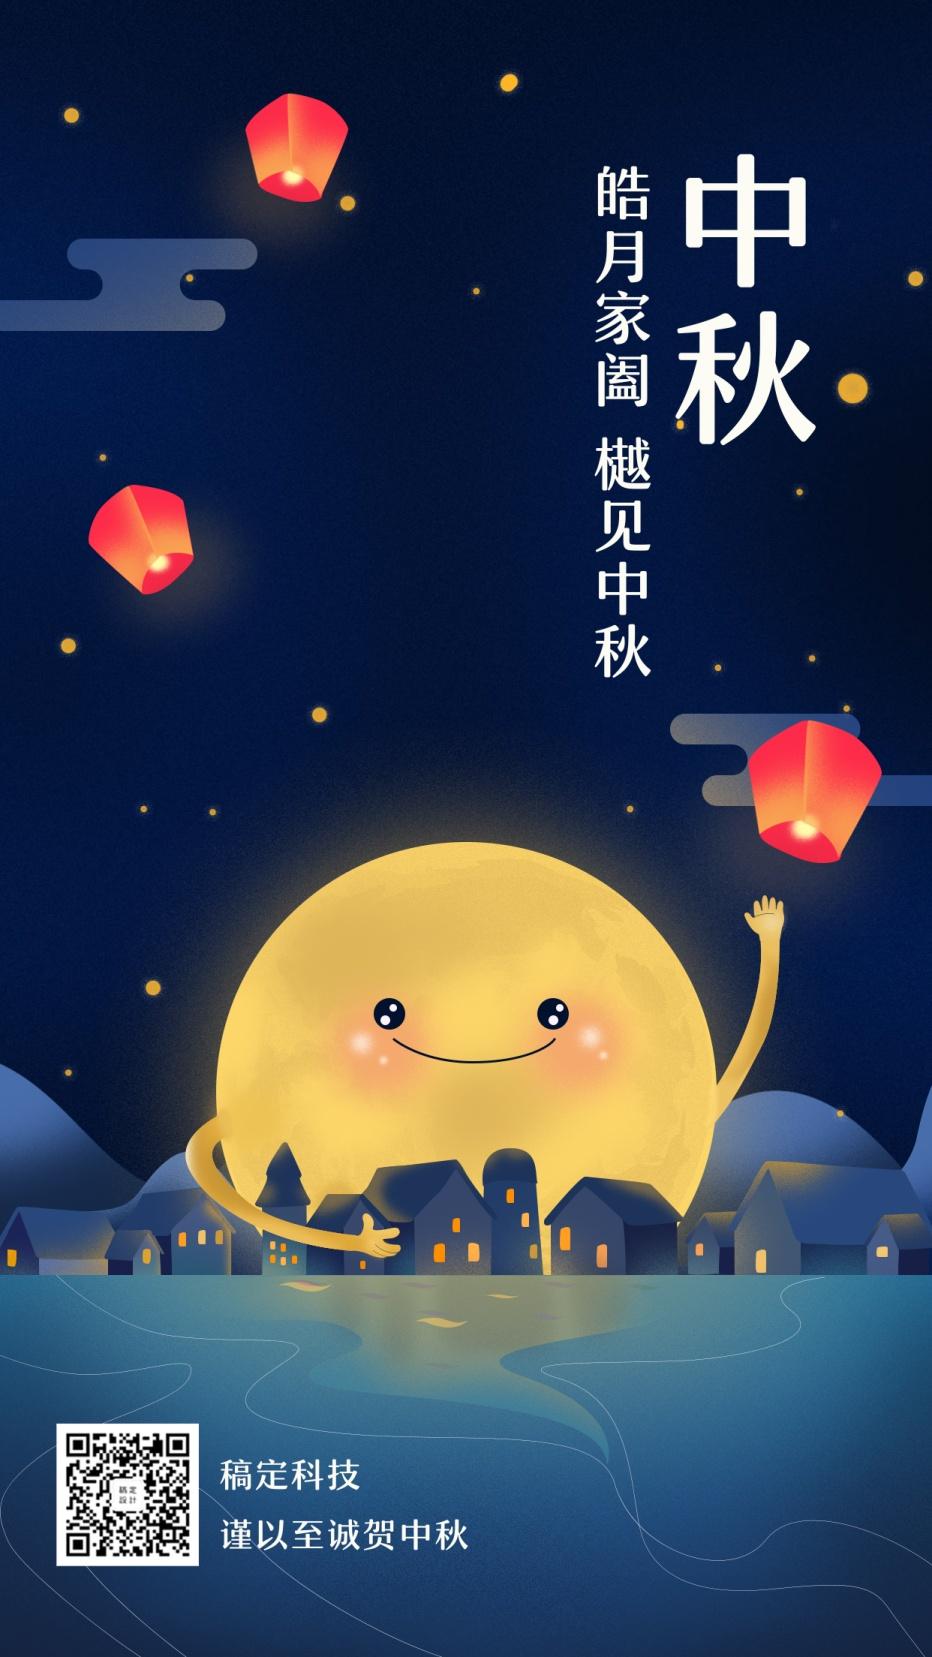 中秋节祝福卡通可爱手绘手机海报